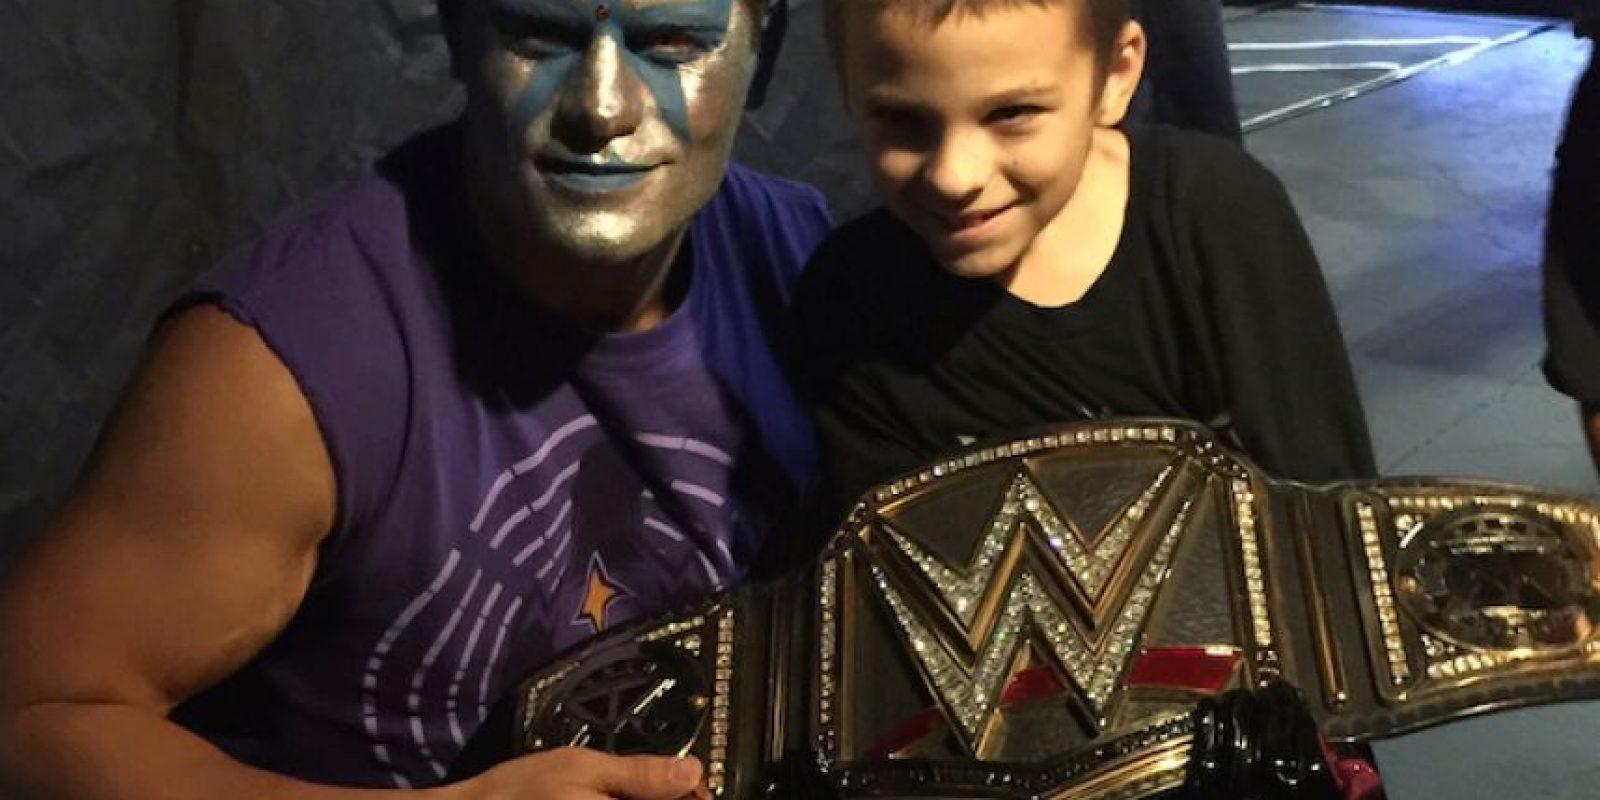 El niño convivió con varias de las estrellas de la WWE como Stardust. Foto:Vía facebook.com/wwe